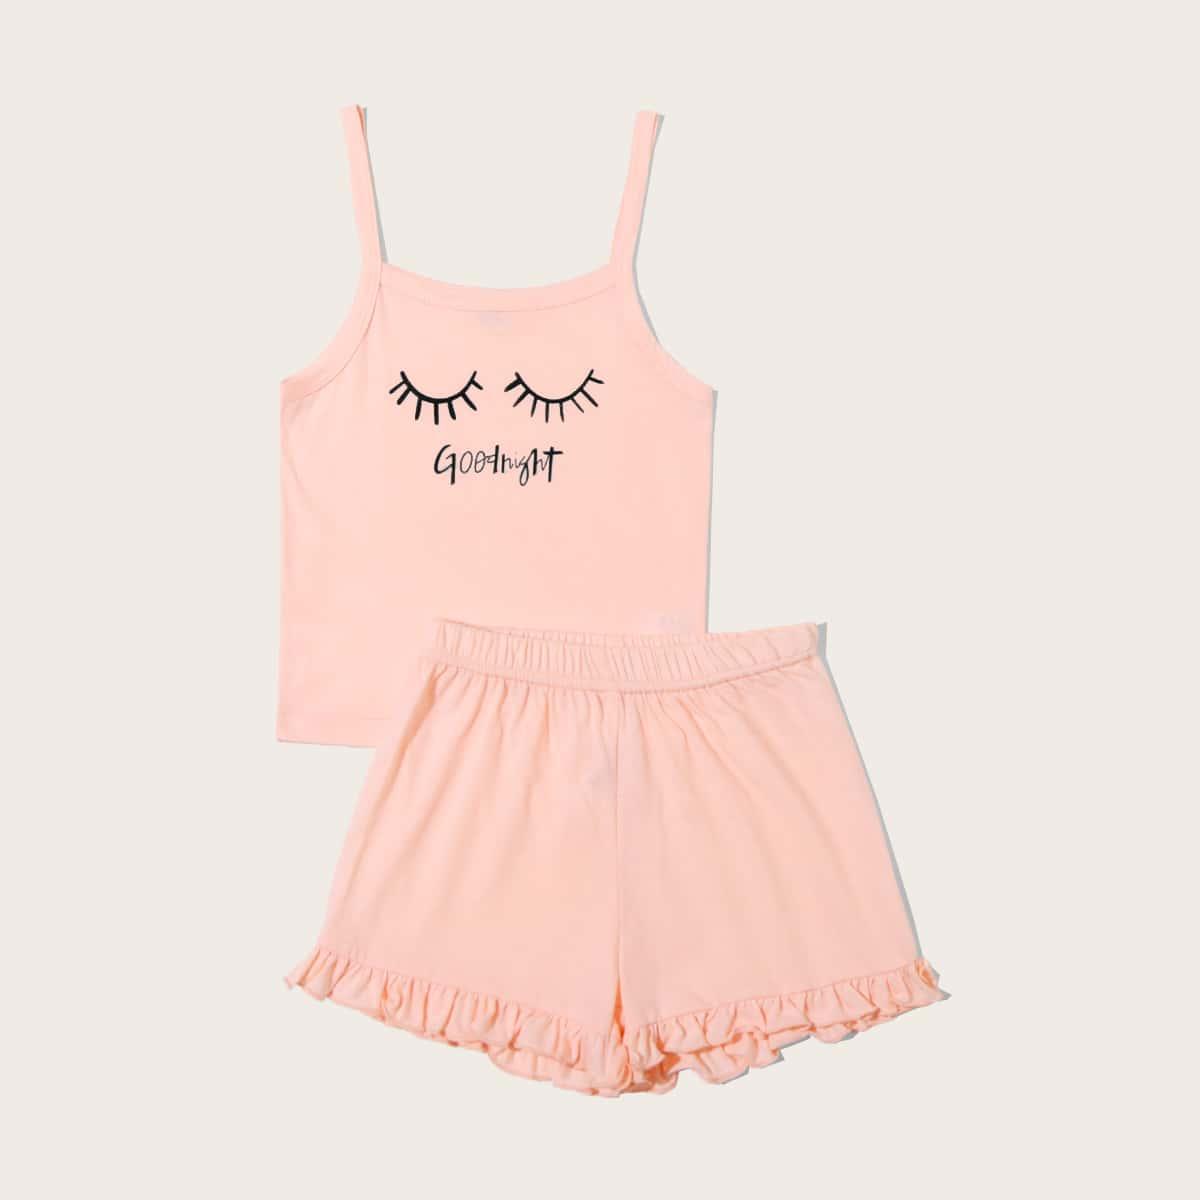 Пижама с оборками и текстовым принтом для девочек от SHEIN